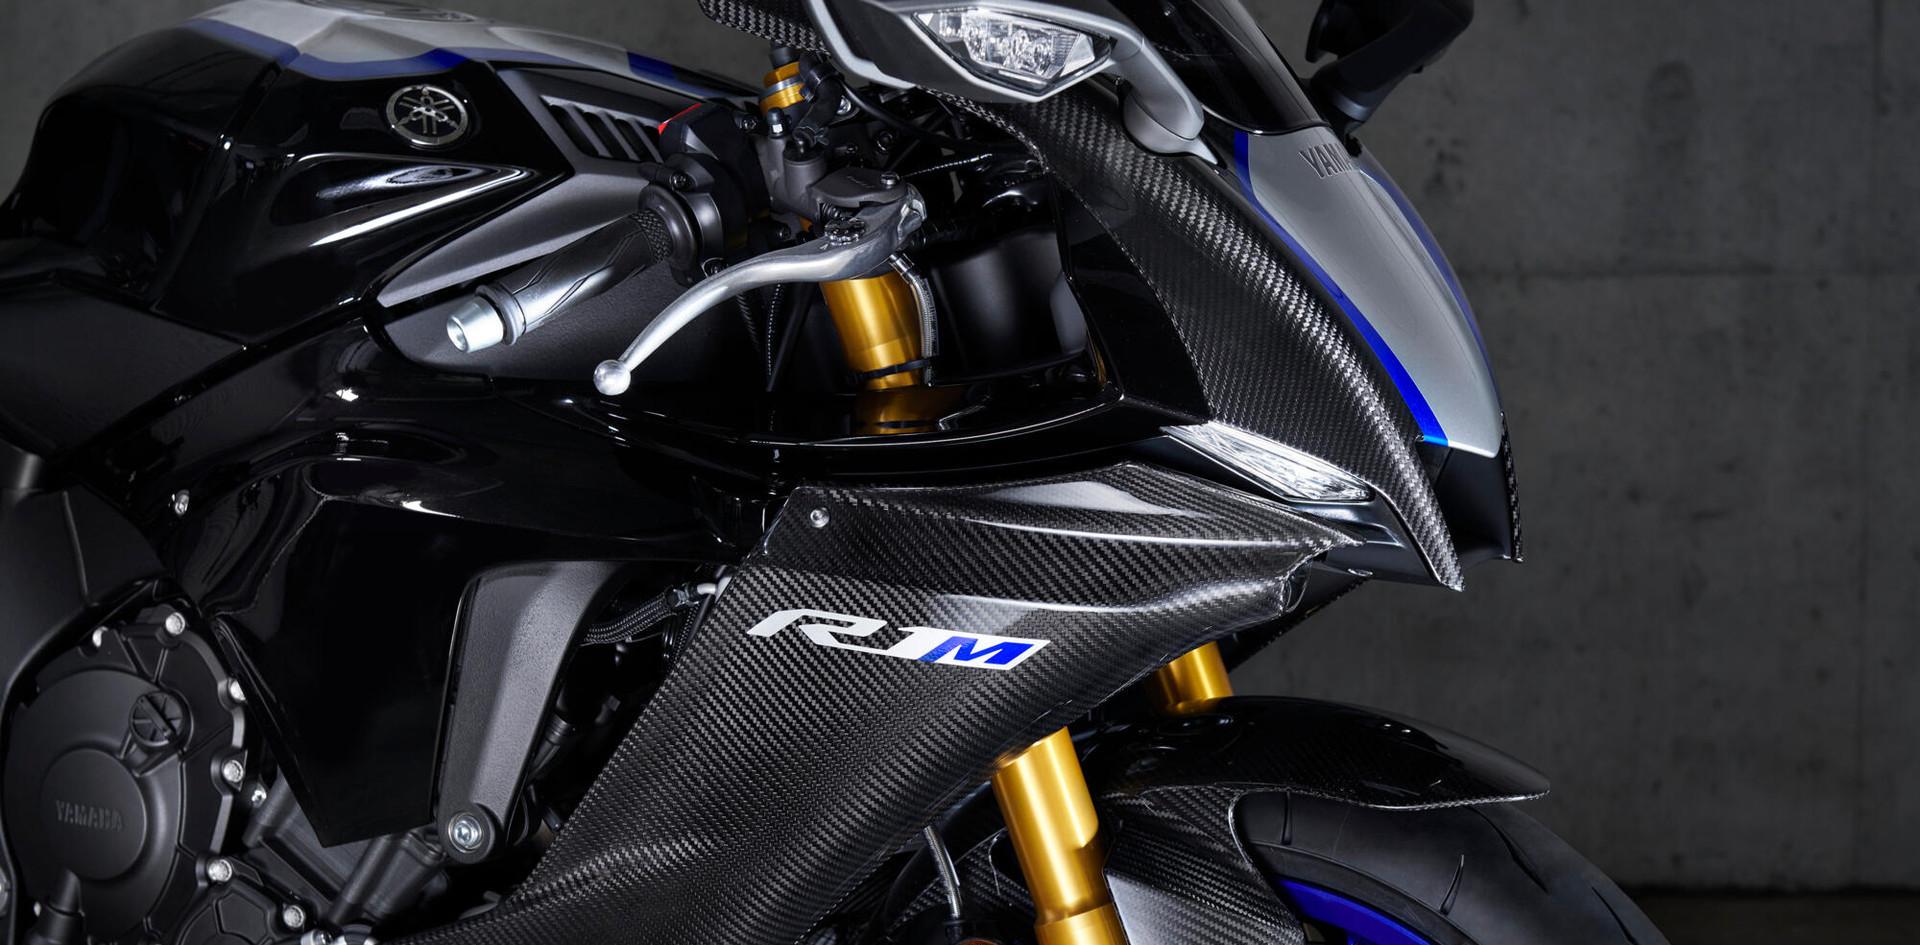 M1-inspirert karbonkarosseri